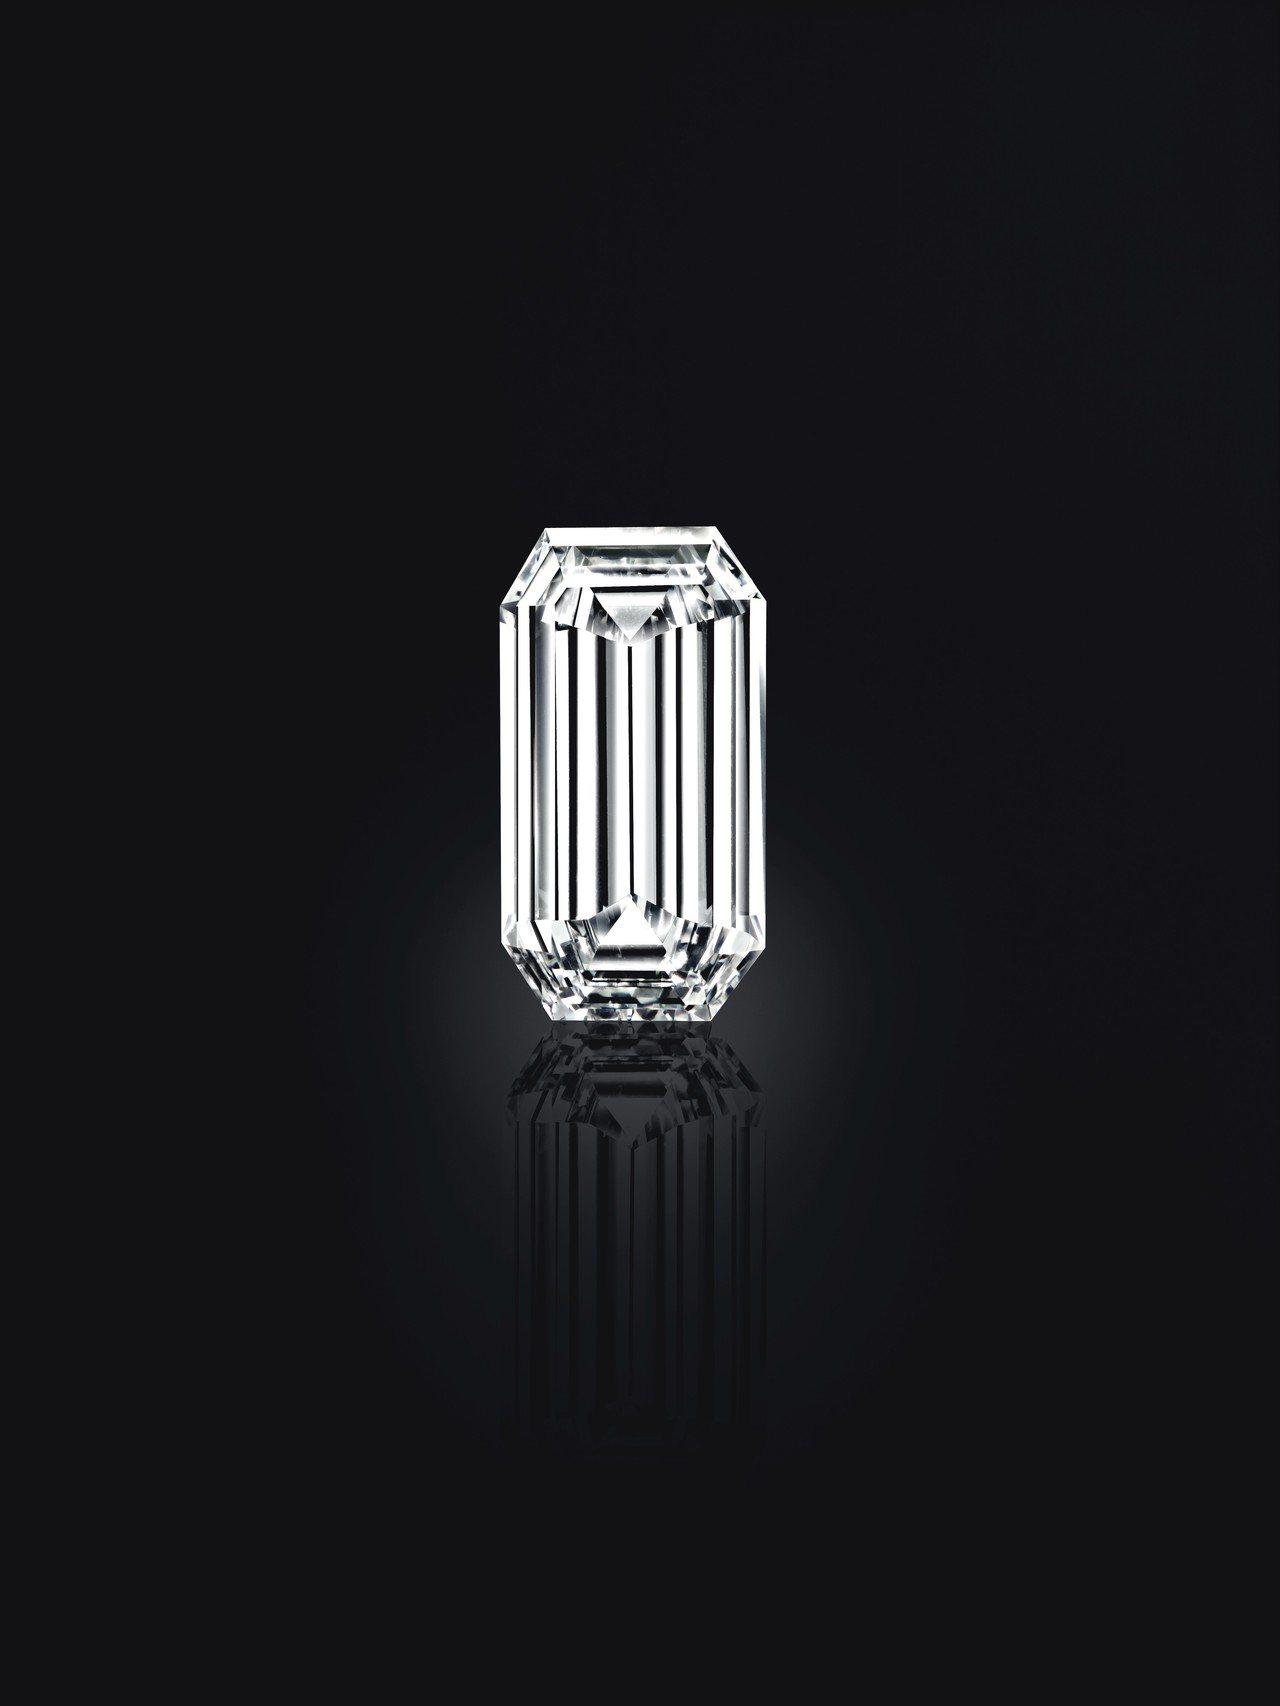 52.58 克拉的天堂之鏡鑽石,D色內部無瑕的戈爾康達鑽石。圖/佳士得提供